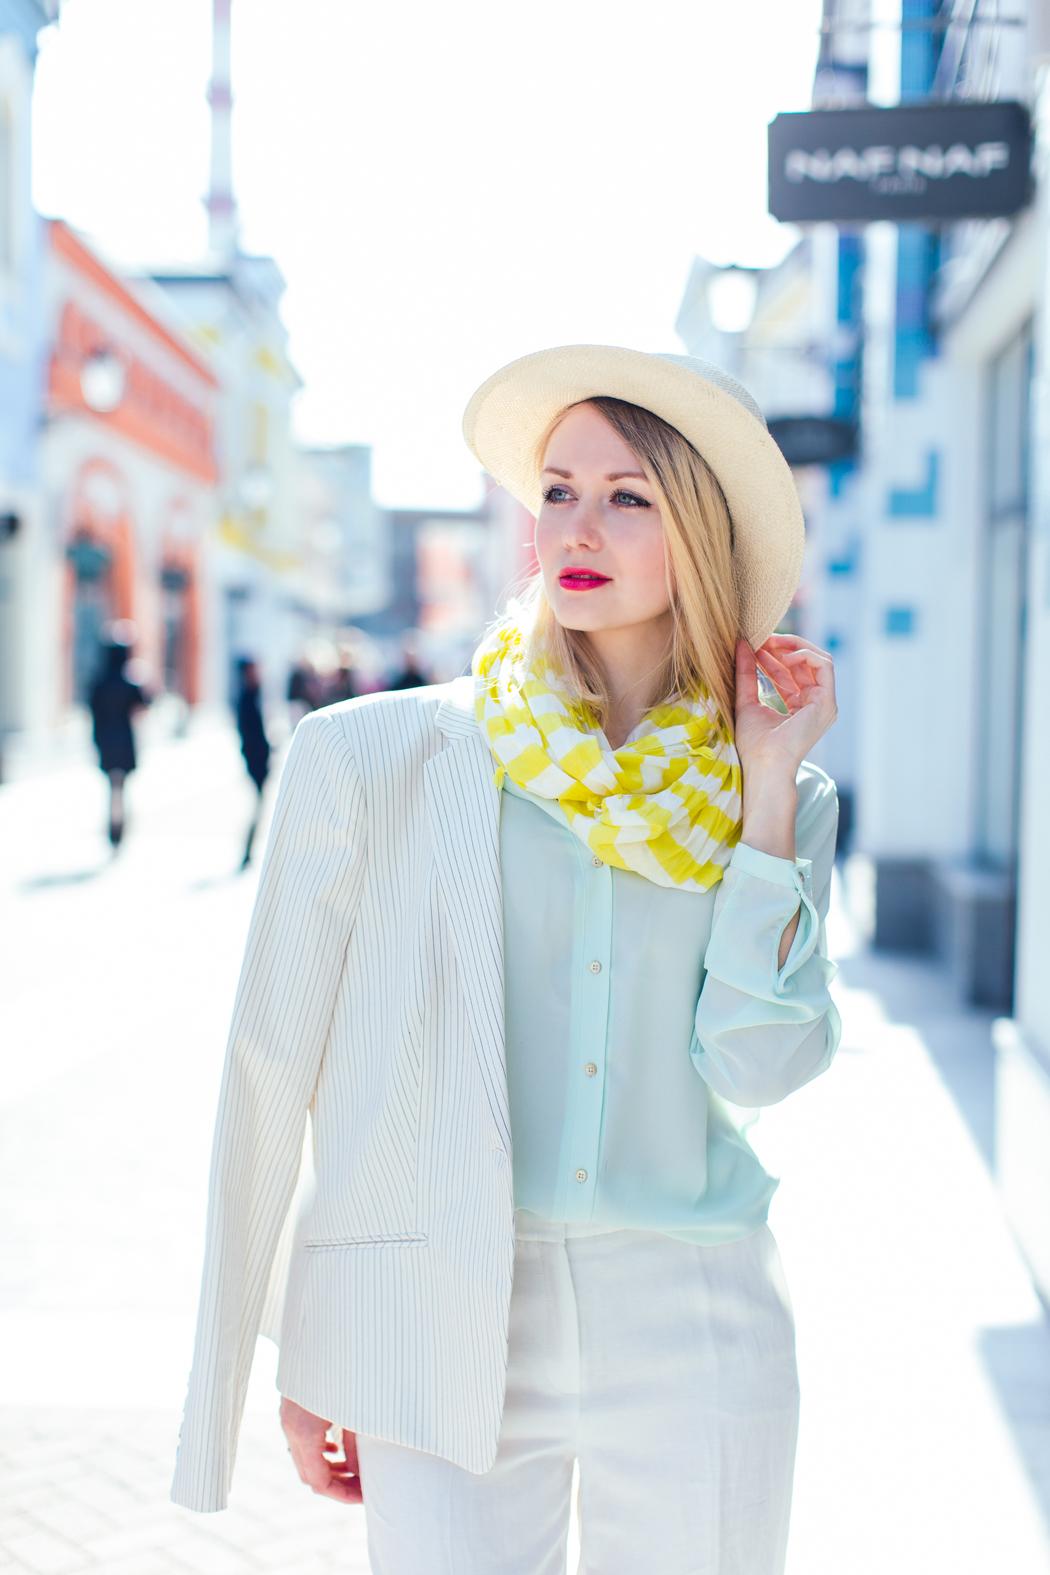 inspiration, streetstyle, spring outfit, moscow fashion week, annamidday, top fashion blogger, top russian fashion blogger, фэшн блогер, русский блогер, известный блогер, топовый блогер, russian bloger, top russian blogger, streetfashion, russian fashion blogger, blogger, fashion, style, fashionista, модный блогер, российский блогер, ТОП блогер, ootd, lookoftheday, look, популярный блогер, российский модный блогер, russian girl, аутлеты москвы, аутлет вилладж белая дача, белая дача, outlet village belaya dacha, модные весенние аксессуары, тренды весна-лето 2015, что будет можно этим летом, модные образы, с чем сочетать бахрому, платье в стиле 70-х